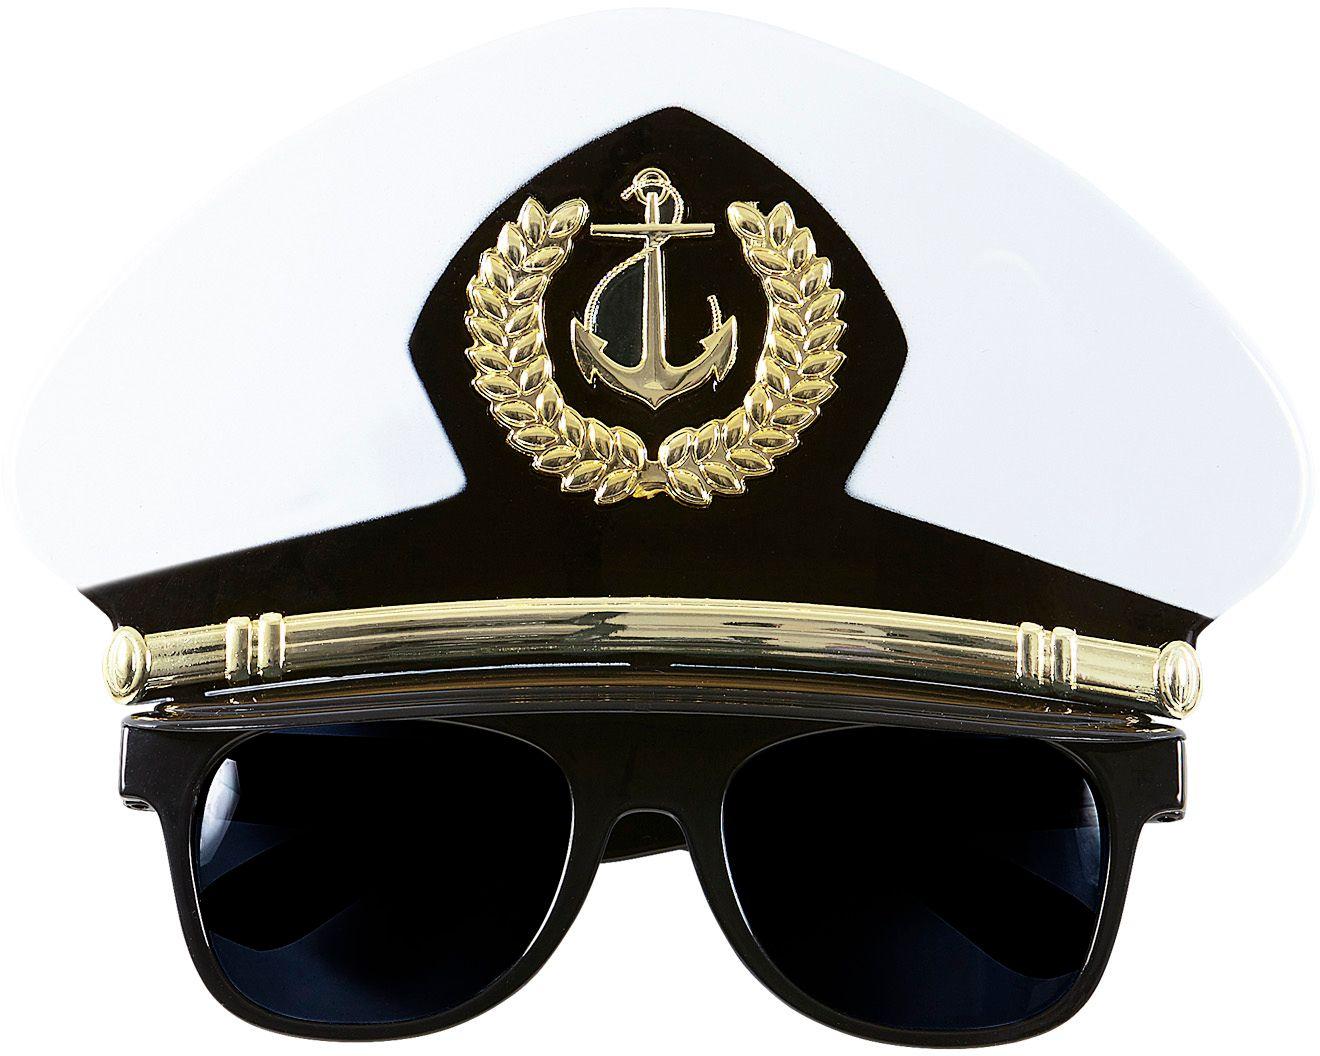 Kaptein bril